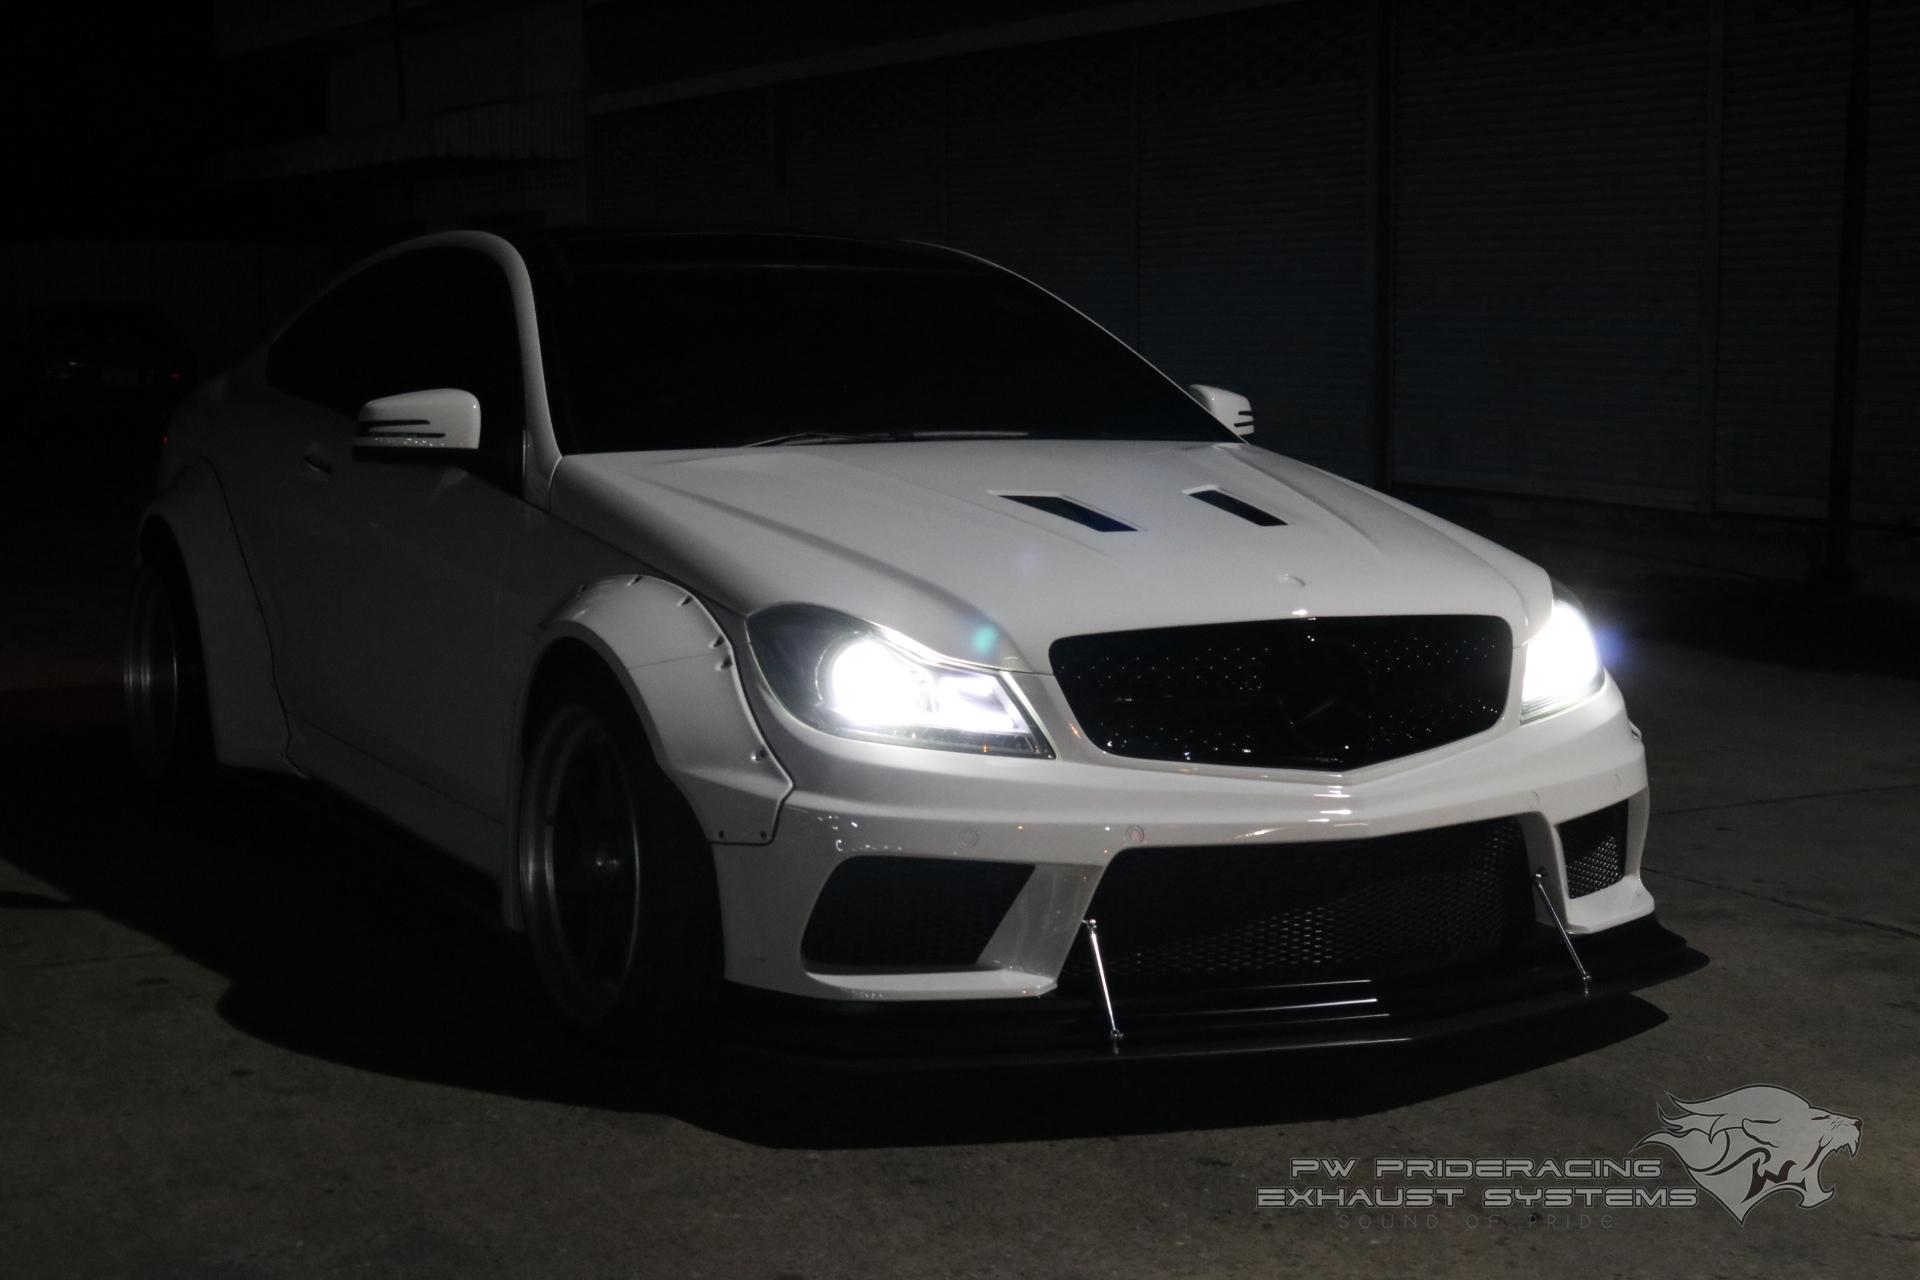 ชุดท่อไอเสีย Benz C-Coupe W204 by PW PrideRacing